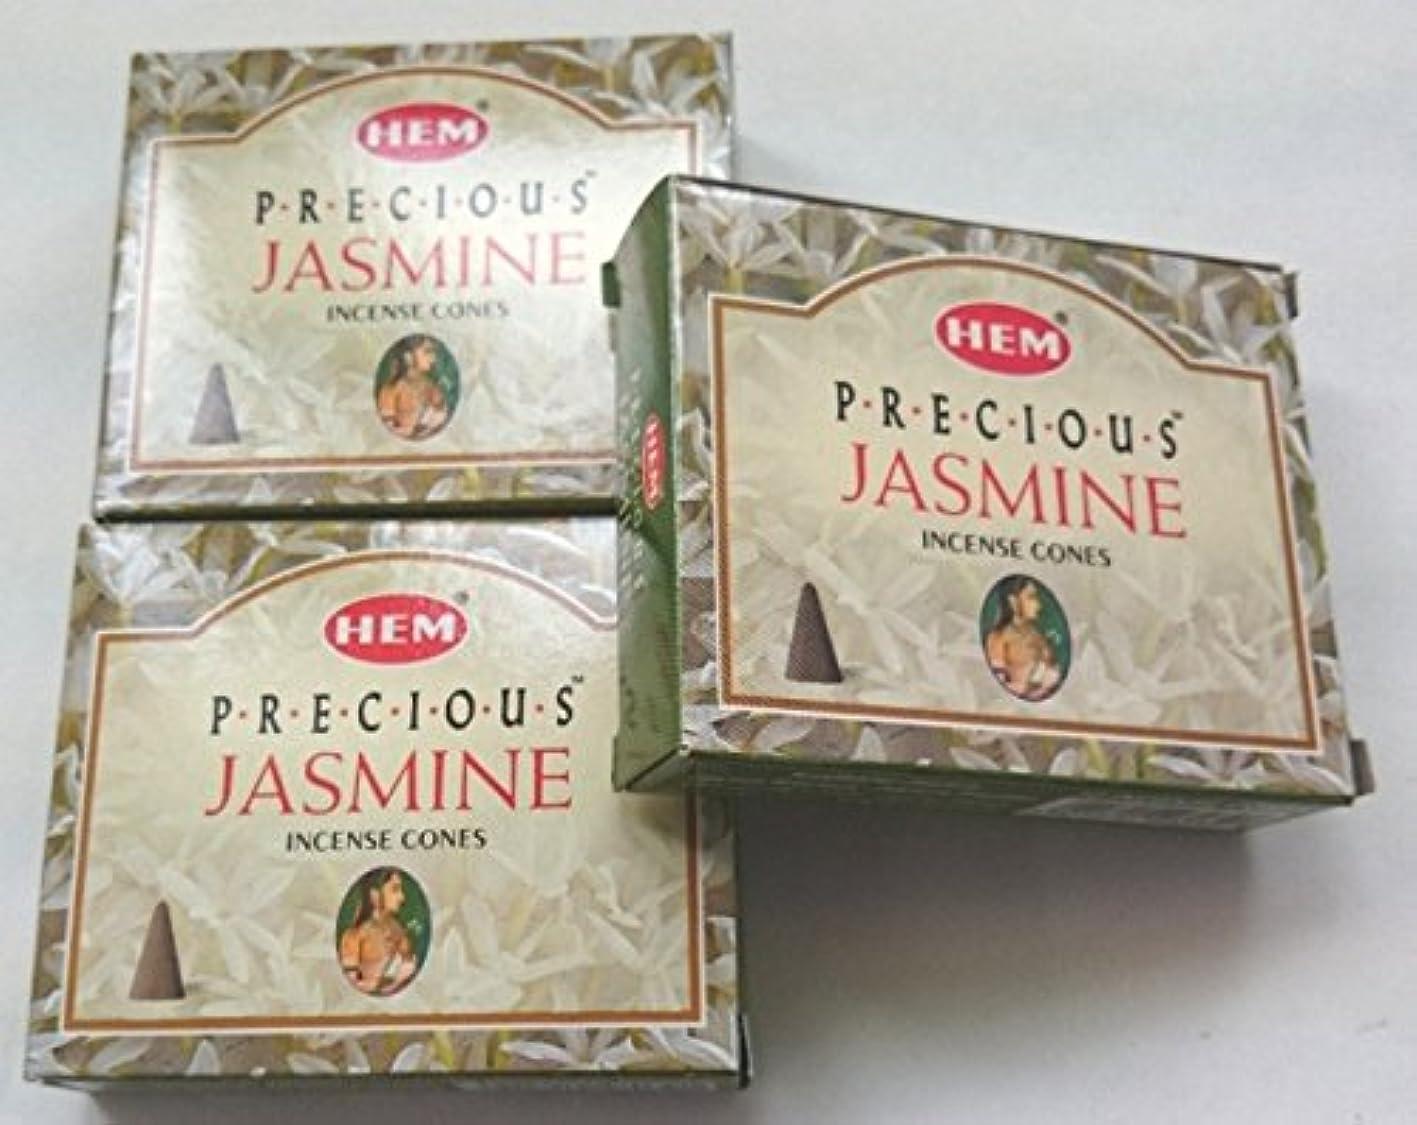 定期的な喜ぶ支店HEM(ヘム)お香 プレシャス ジャスミン コーン 3個セット